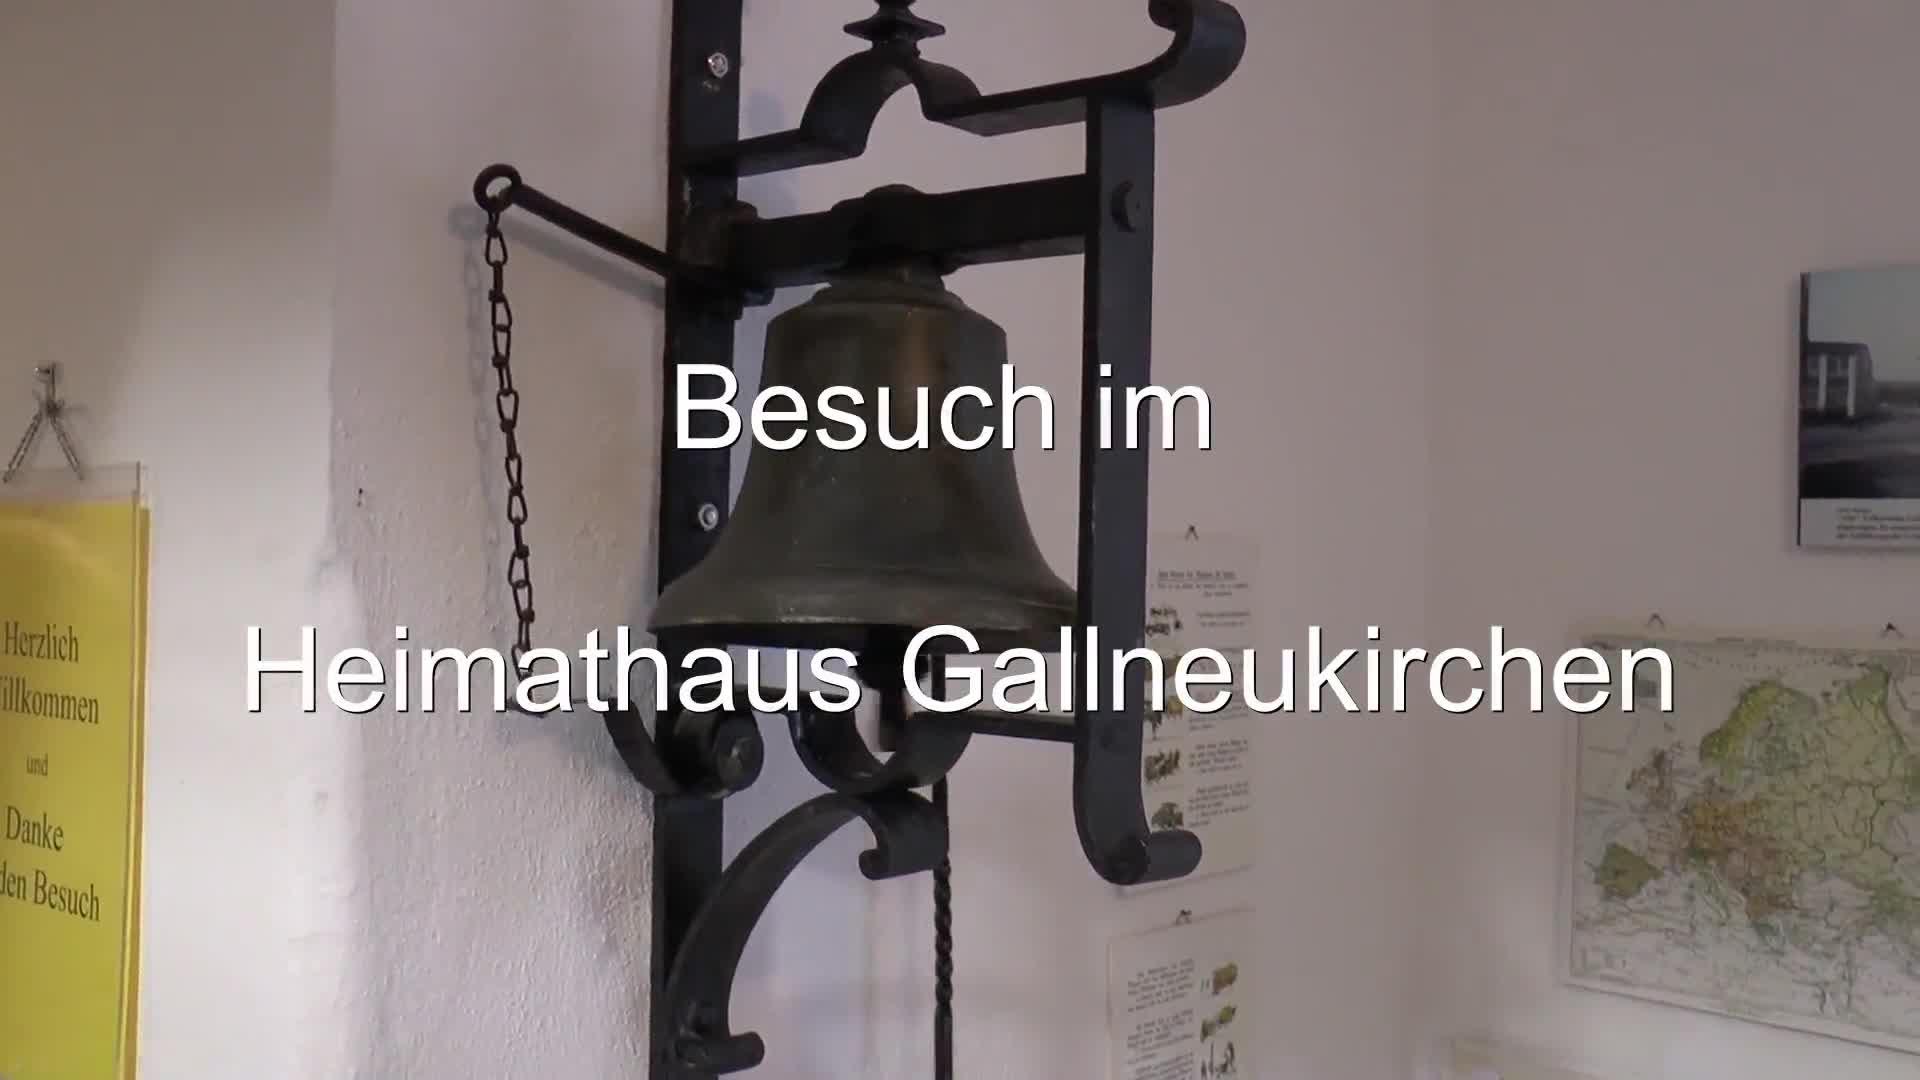 Besuch im Heimathaus Gallneukirchen